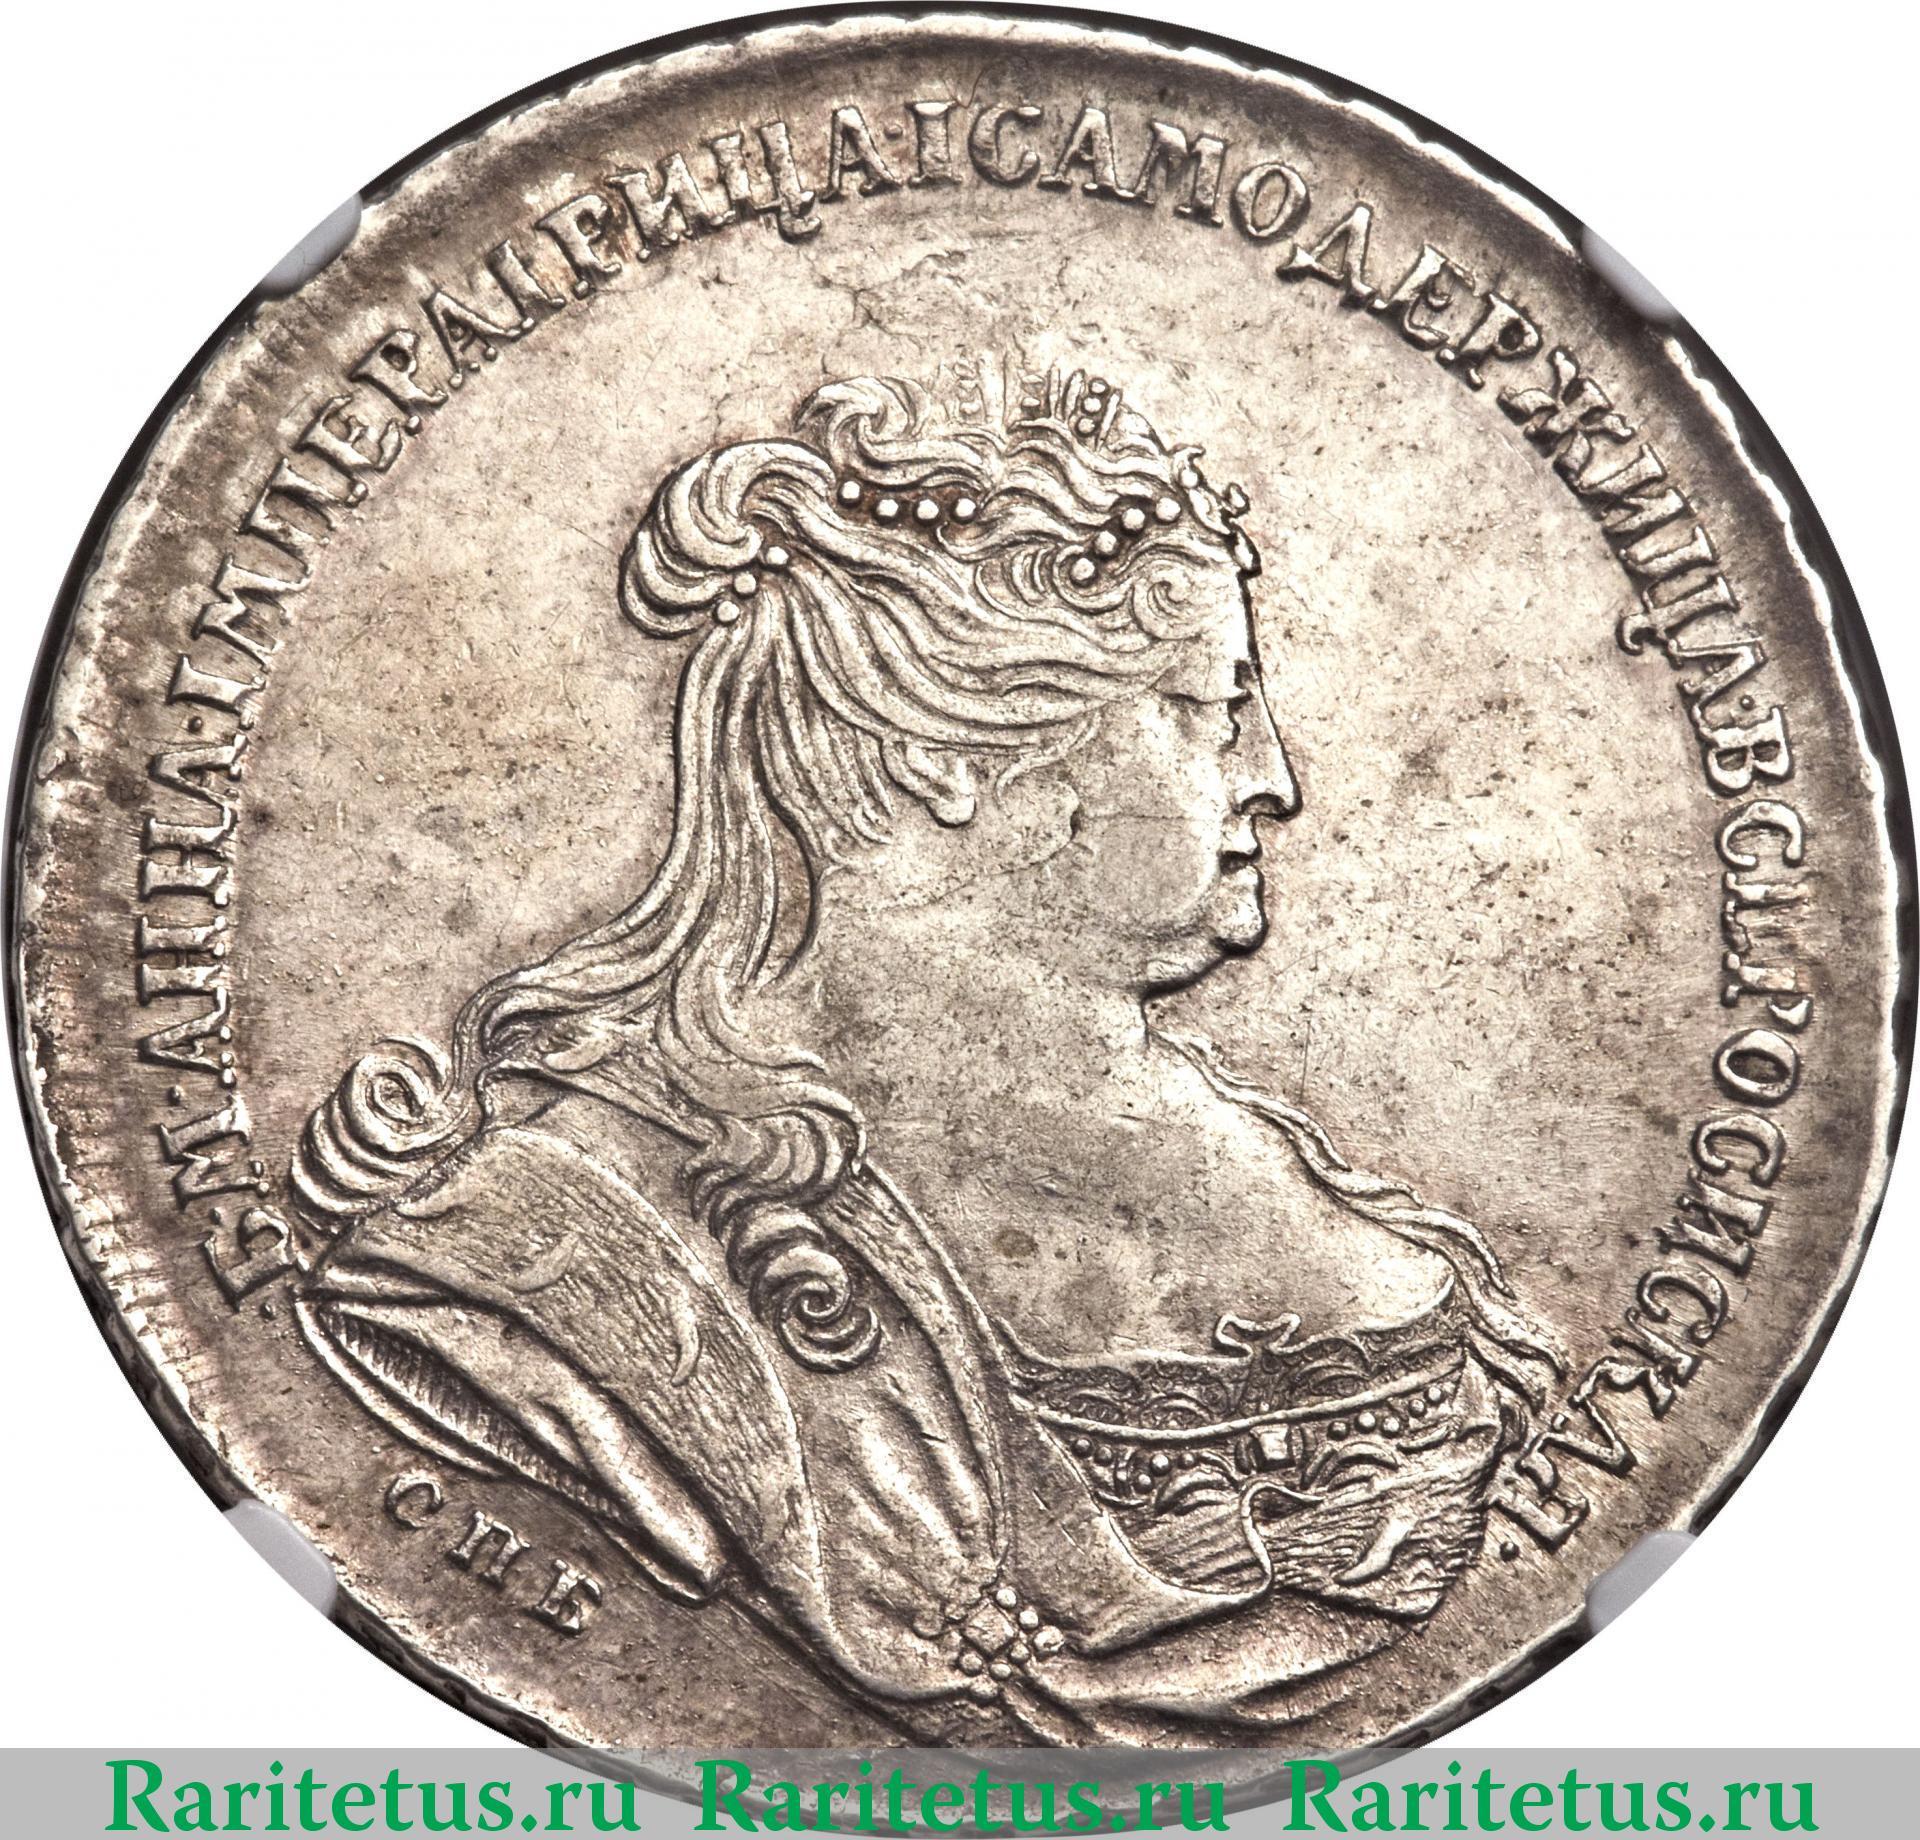 Покупаем царские монеты ссср 5 копеек 1991